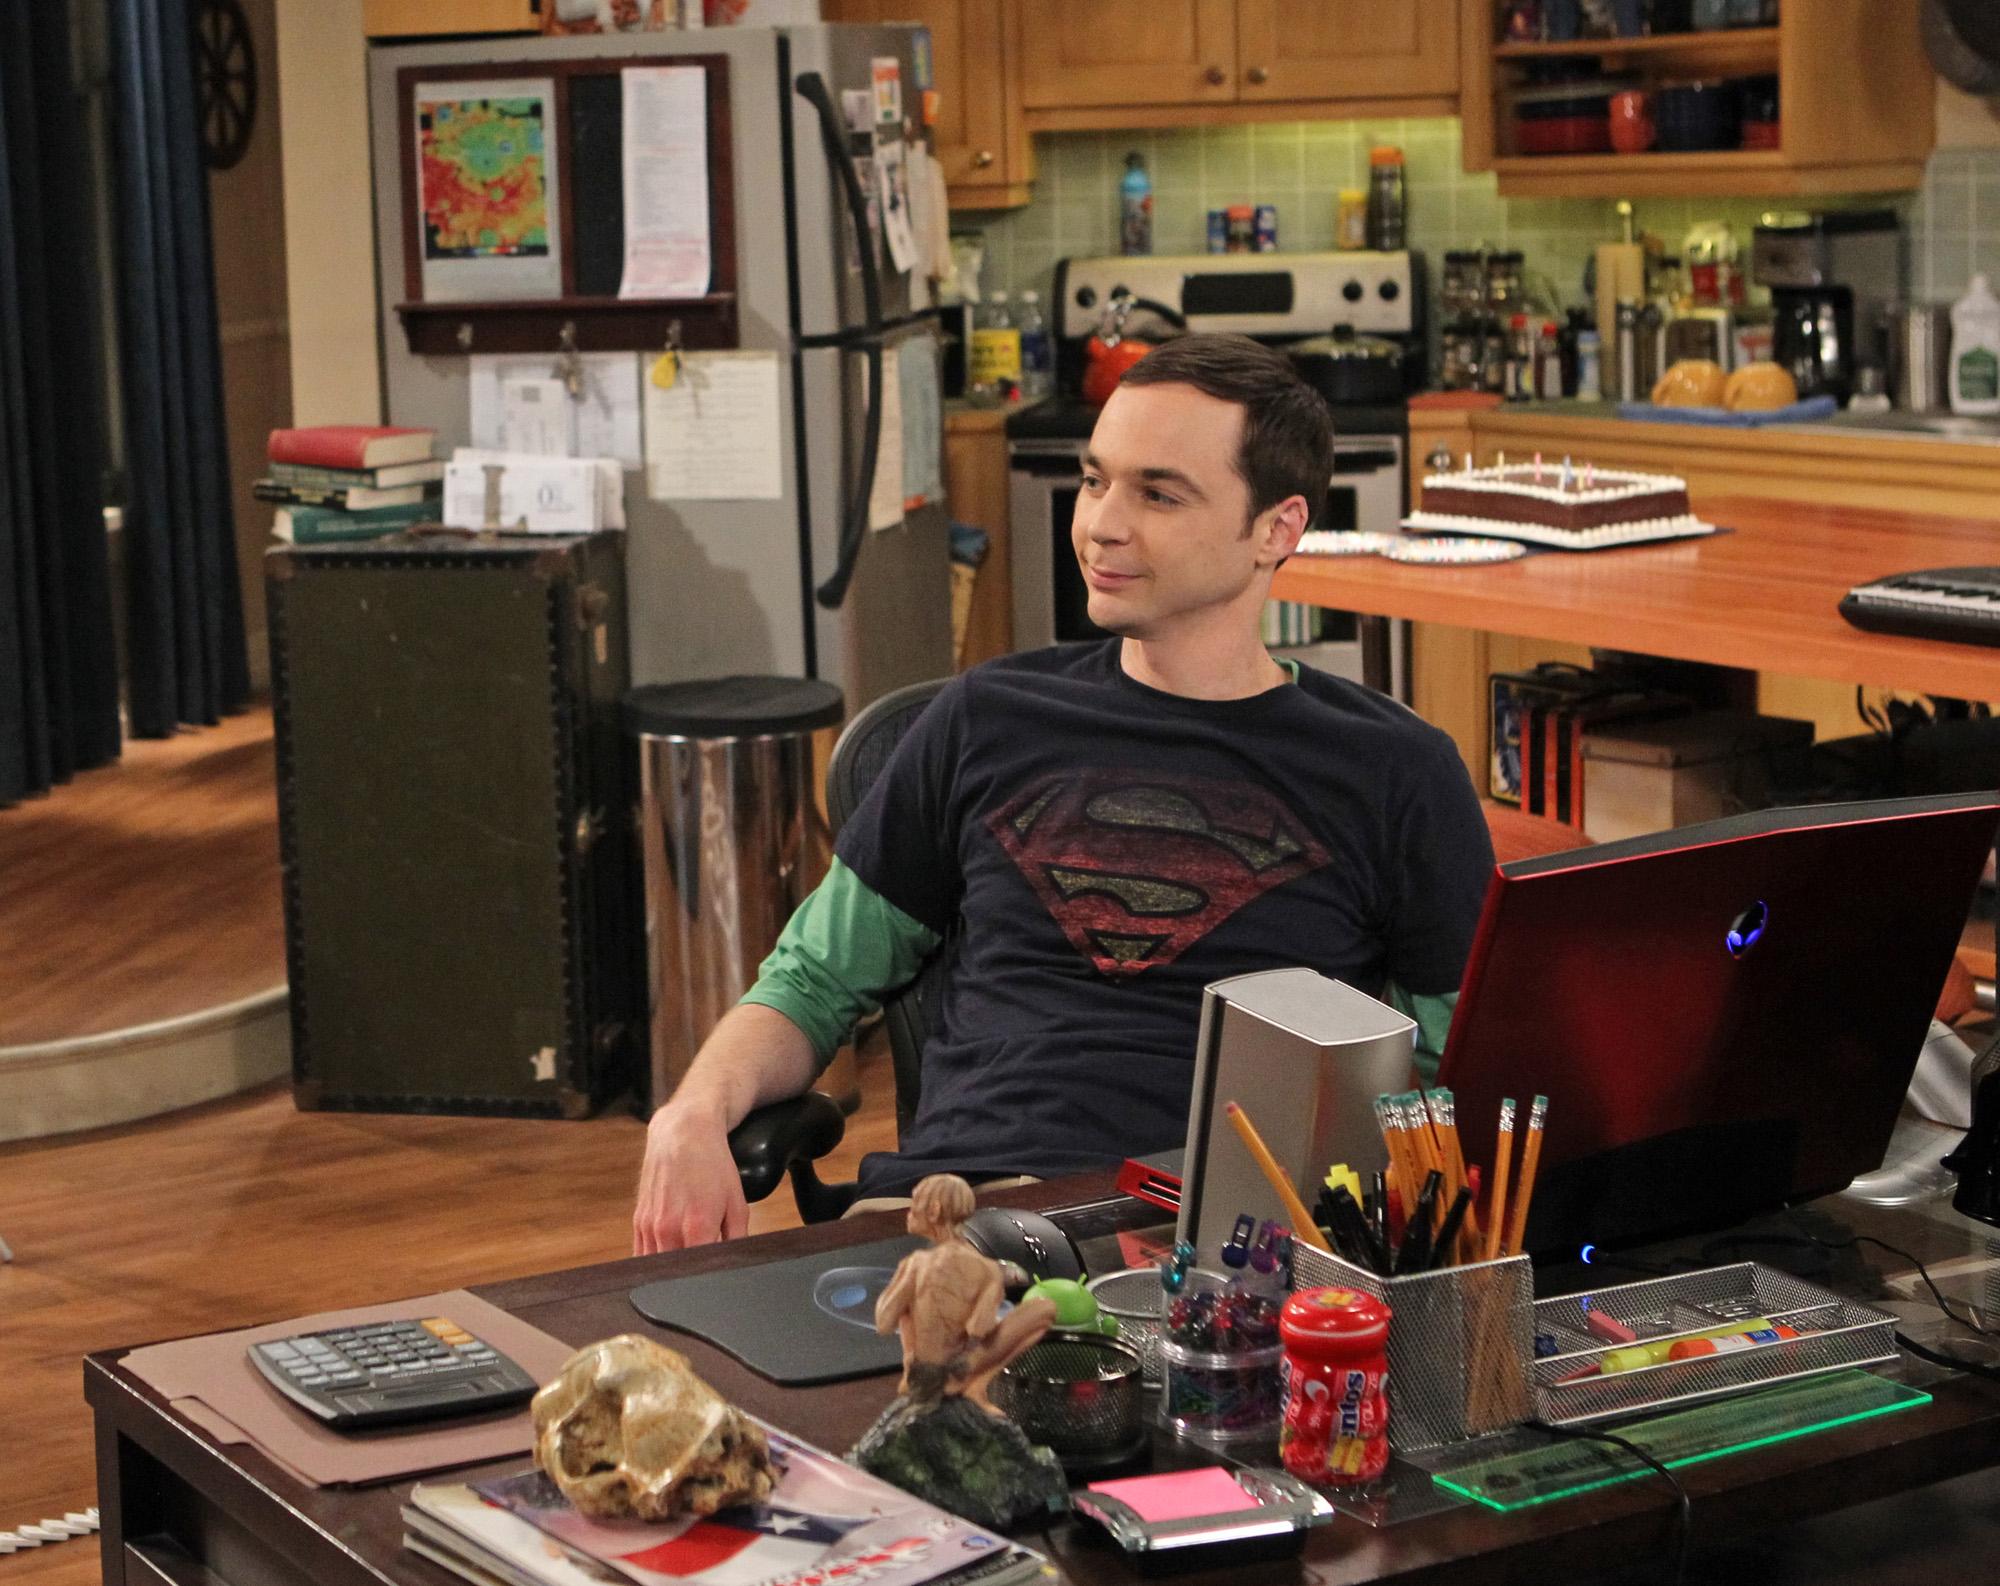 Satisfied Sheldon in